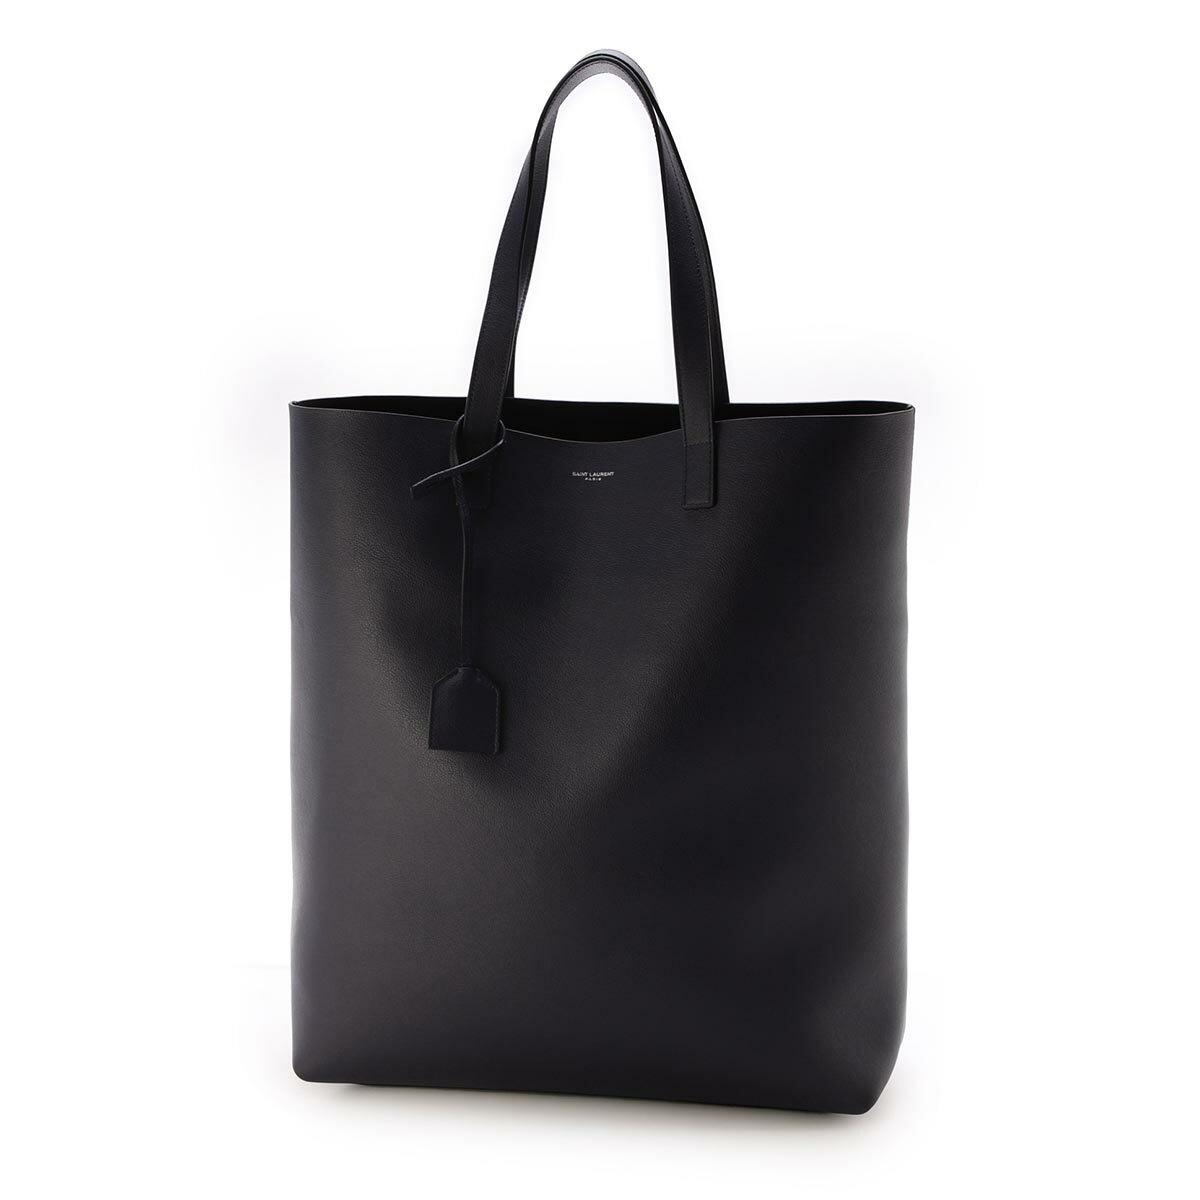 メンズバッグ, トートバッグ  SAINT LAURENT 591747 csu1n 4160 SHOPPING BAG HOLD